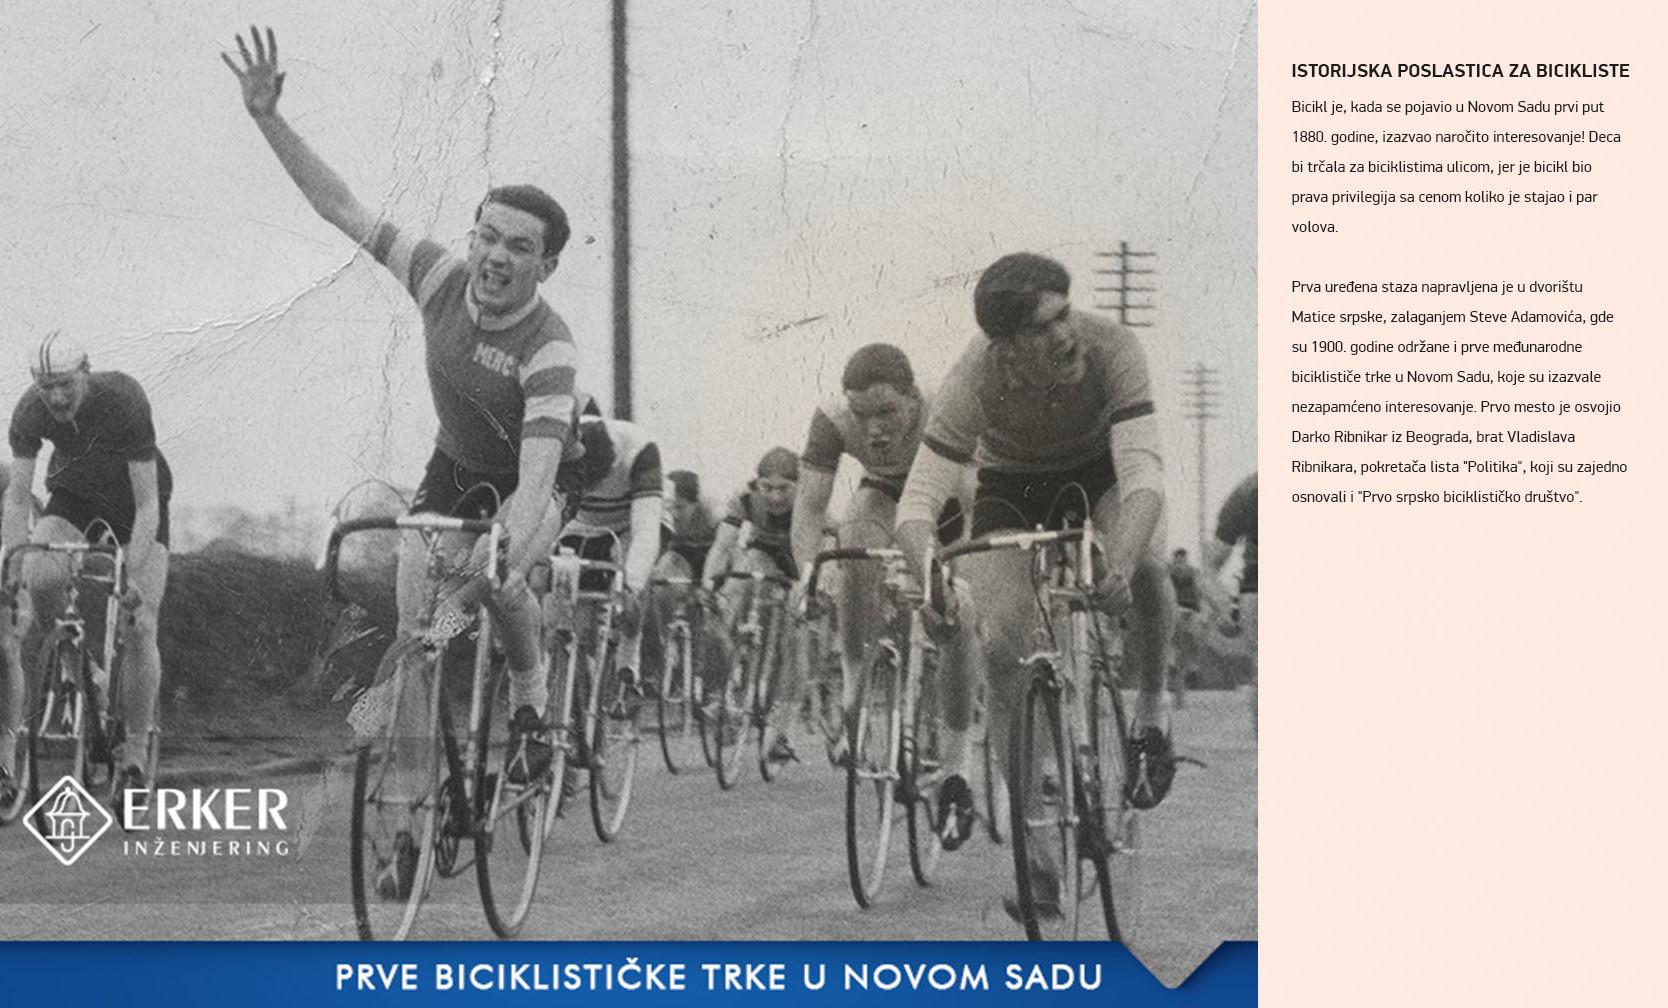 Istorijska poslastica za  bicikliste